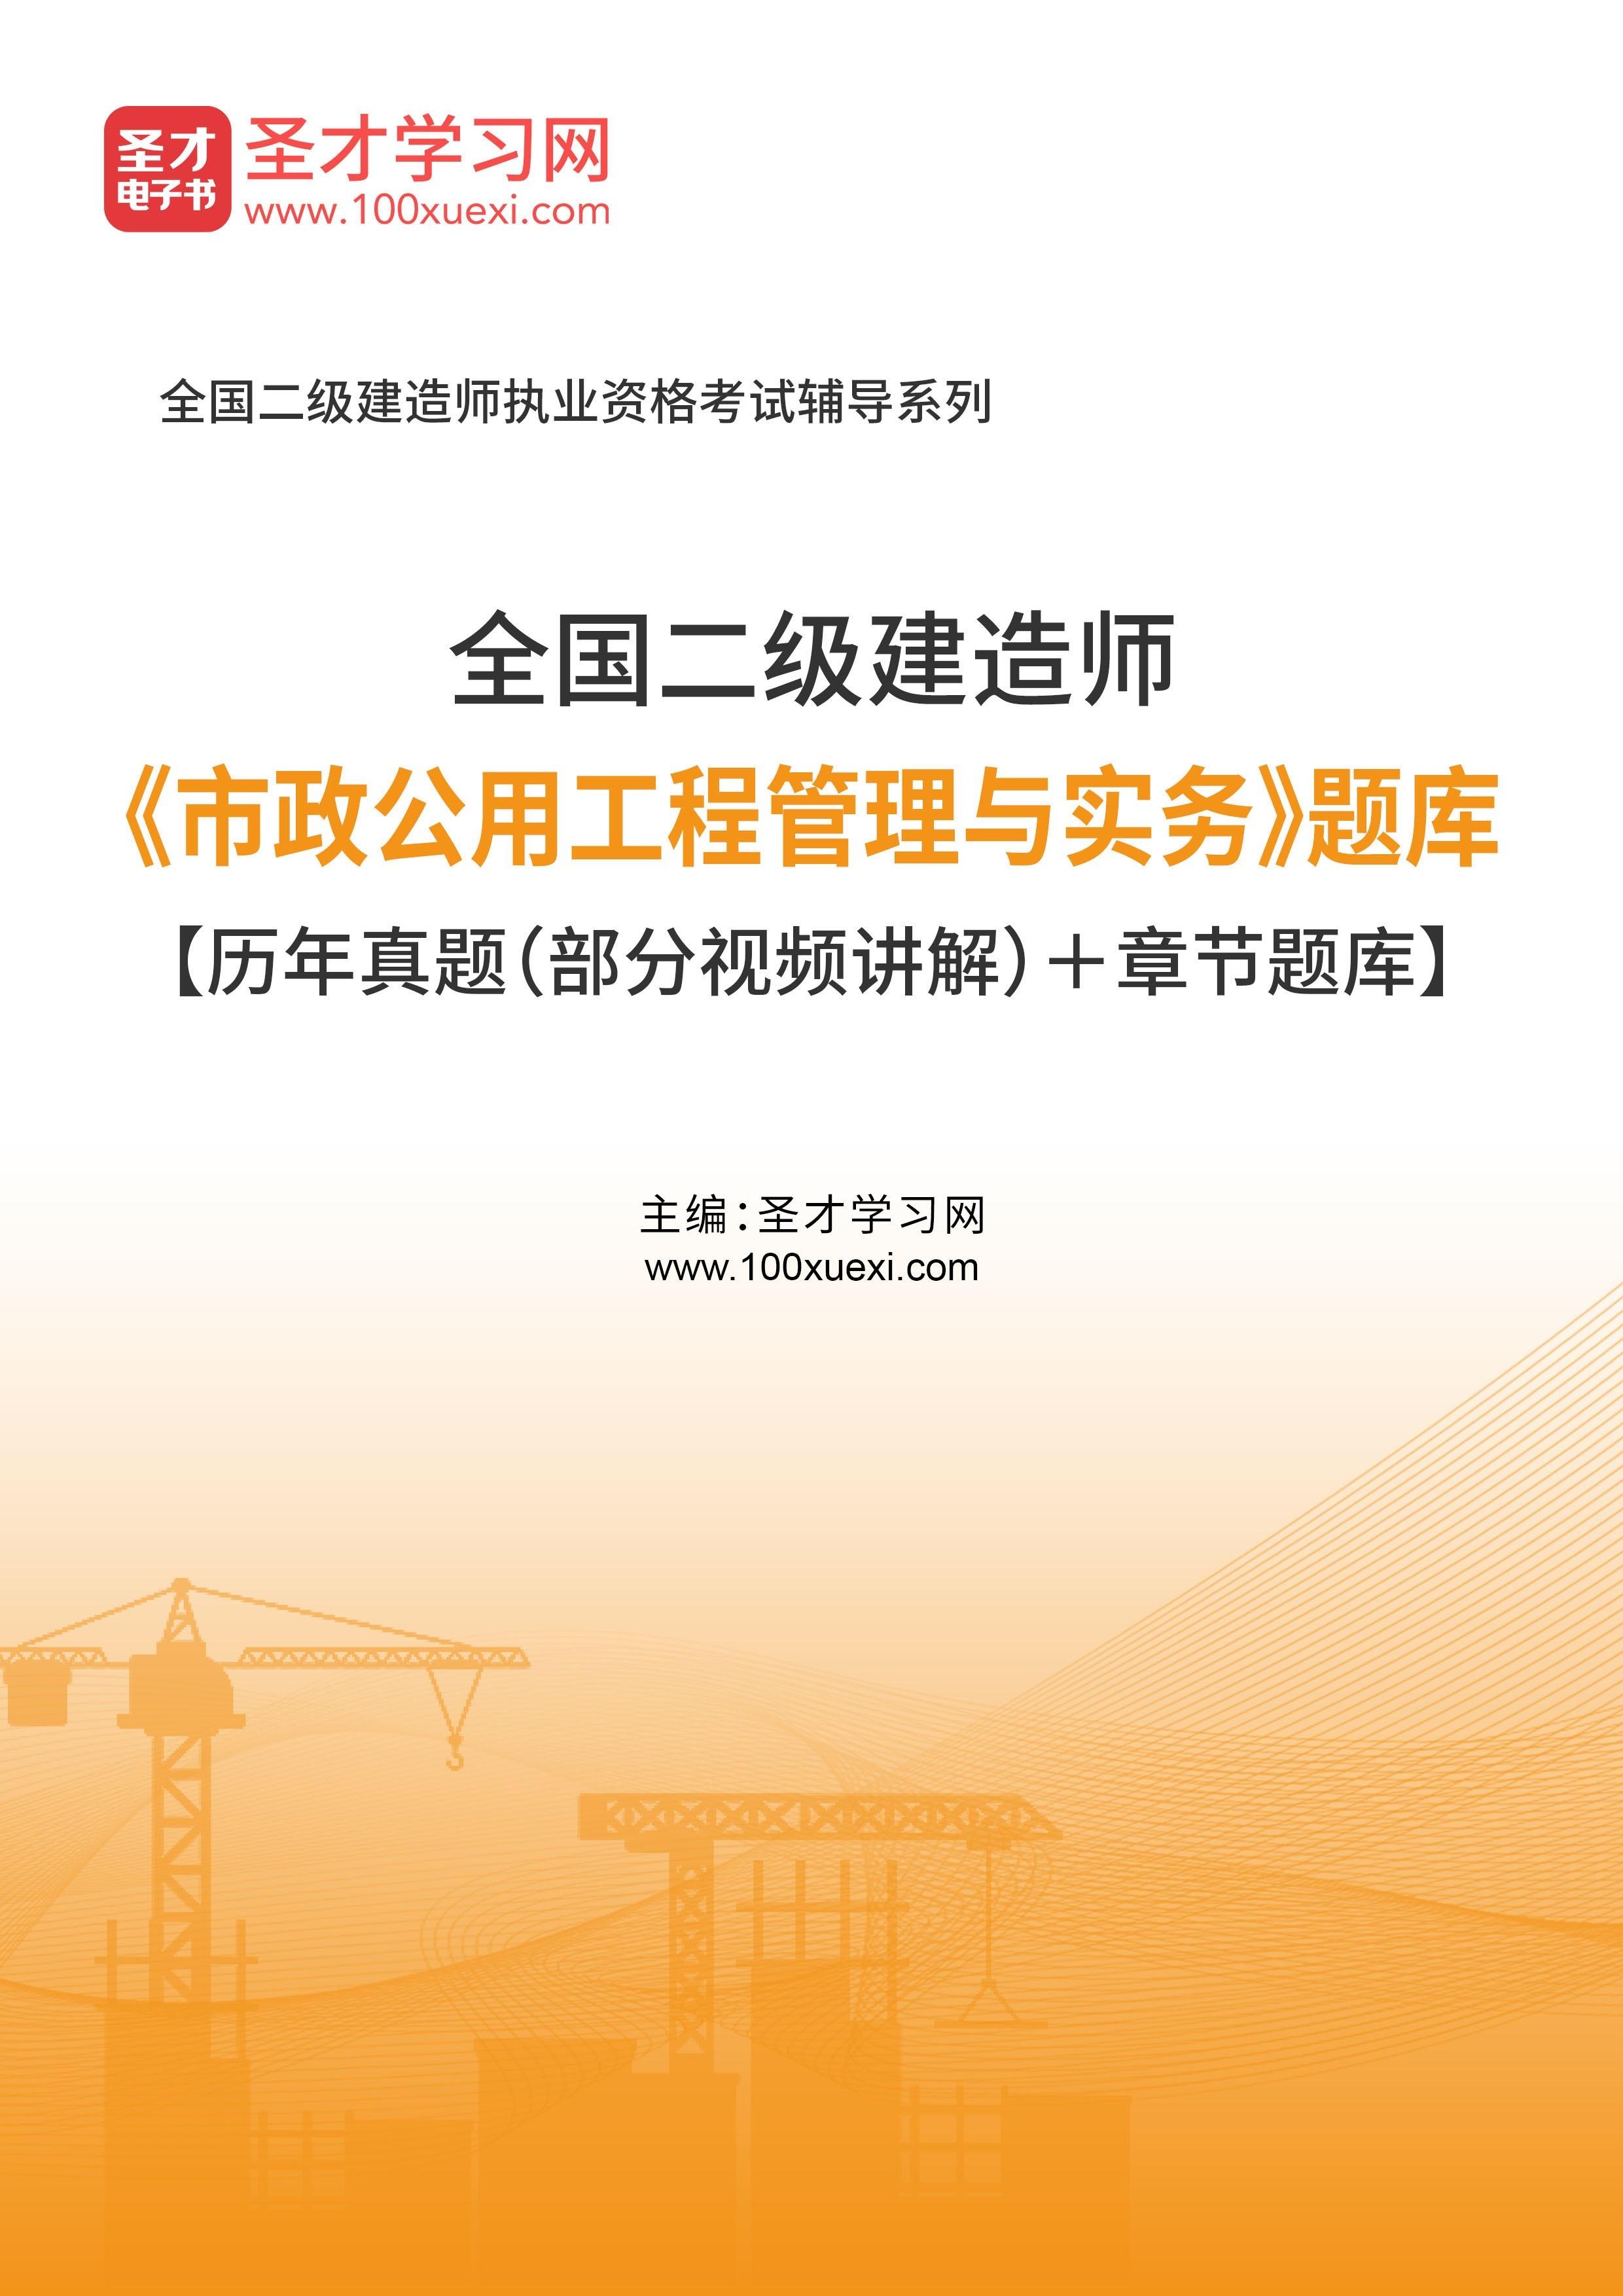 2021年二級建造師《市政公用工程管理與實務》題庫【歷年真題(部分視頻講解)+章節題庫】